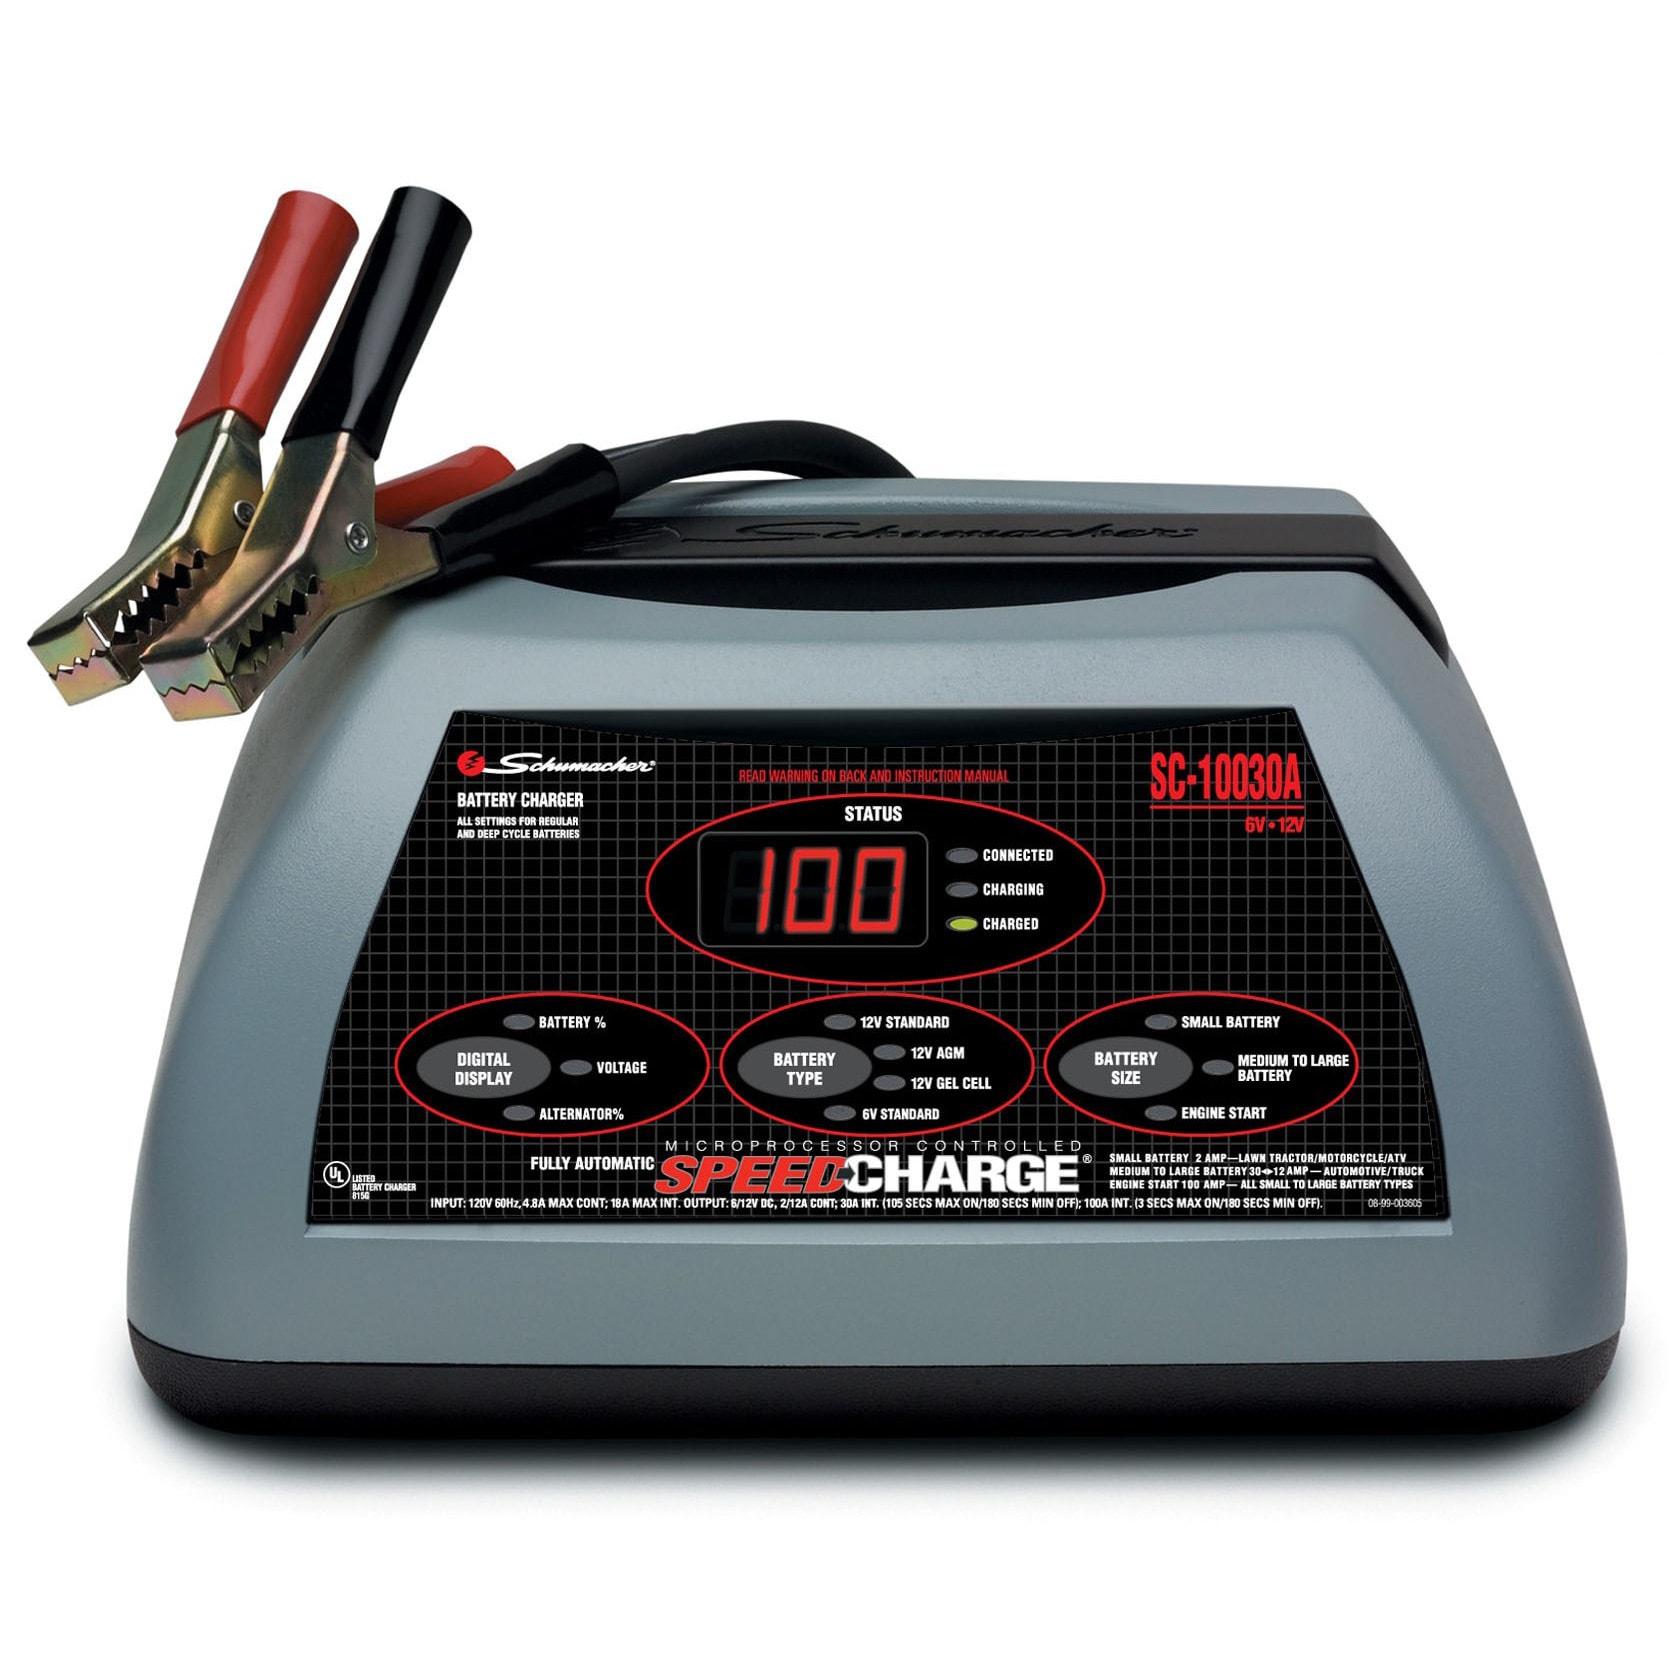 Schumacher SC-10030A 100 Amp Speed Charger (Batteries & c...